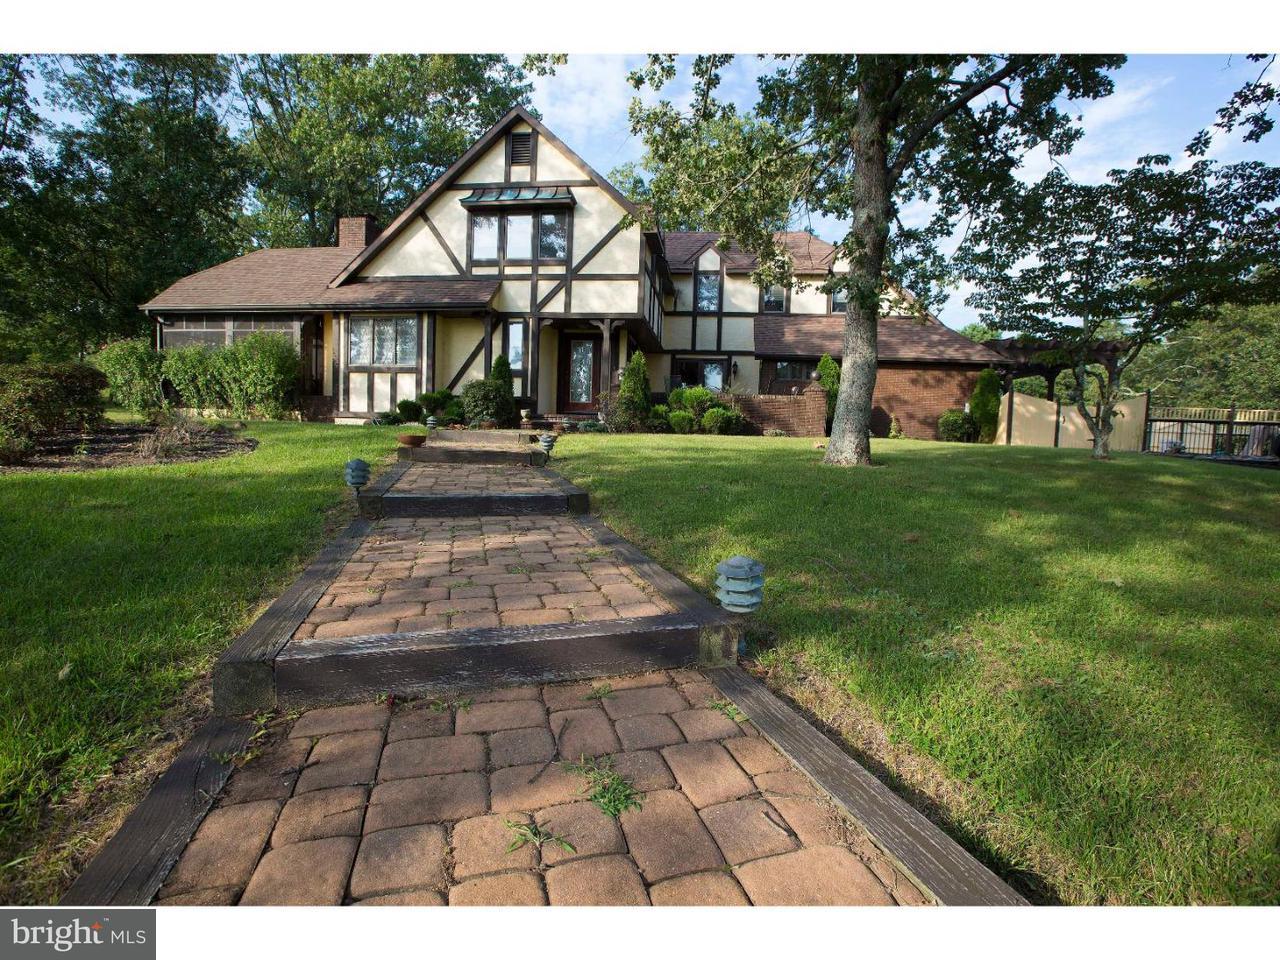 独户住宅 为 销售 在 6173 BLACK HORSE PIKE Mays Landing, 新泽西州 08330 美国在/周边: Hamilton Township